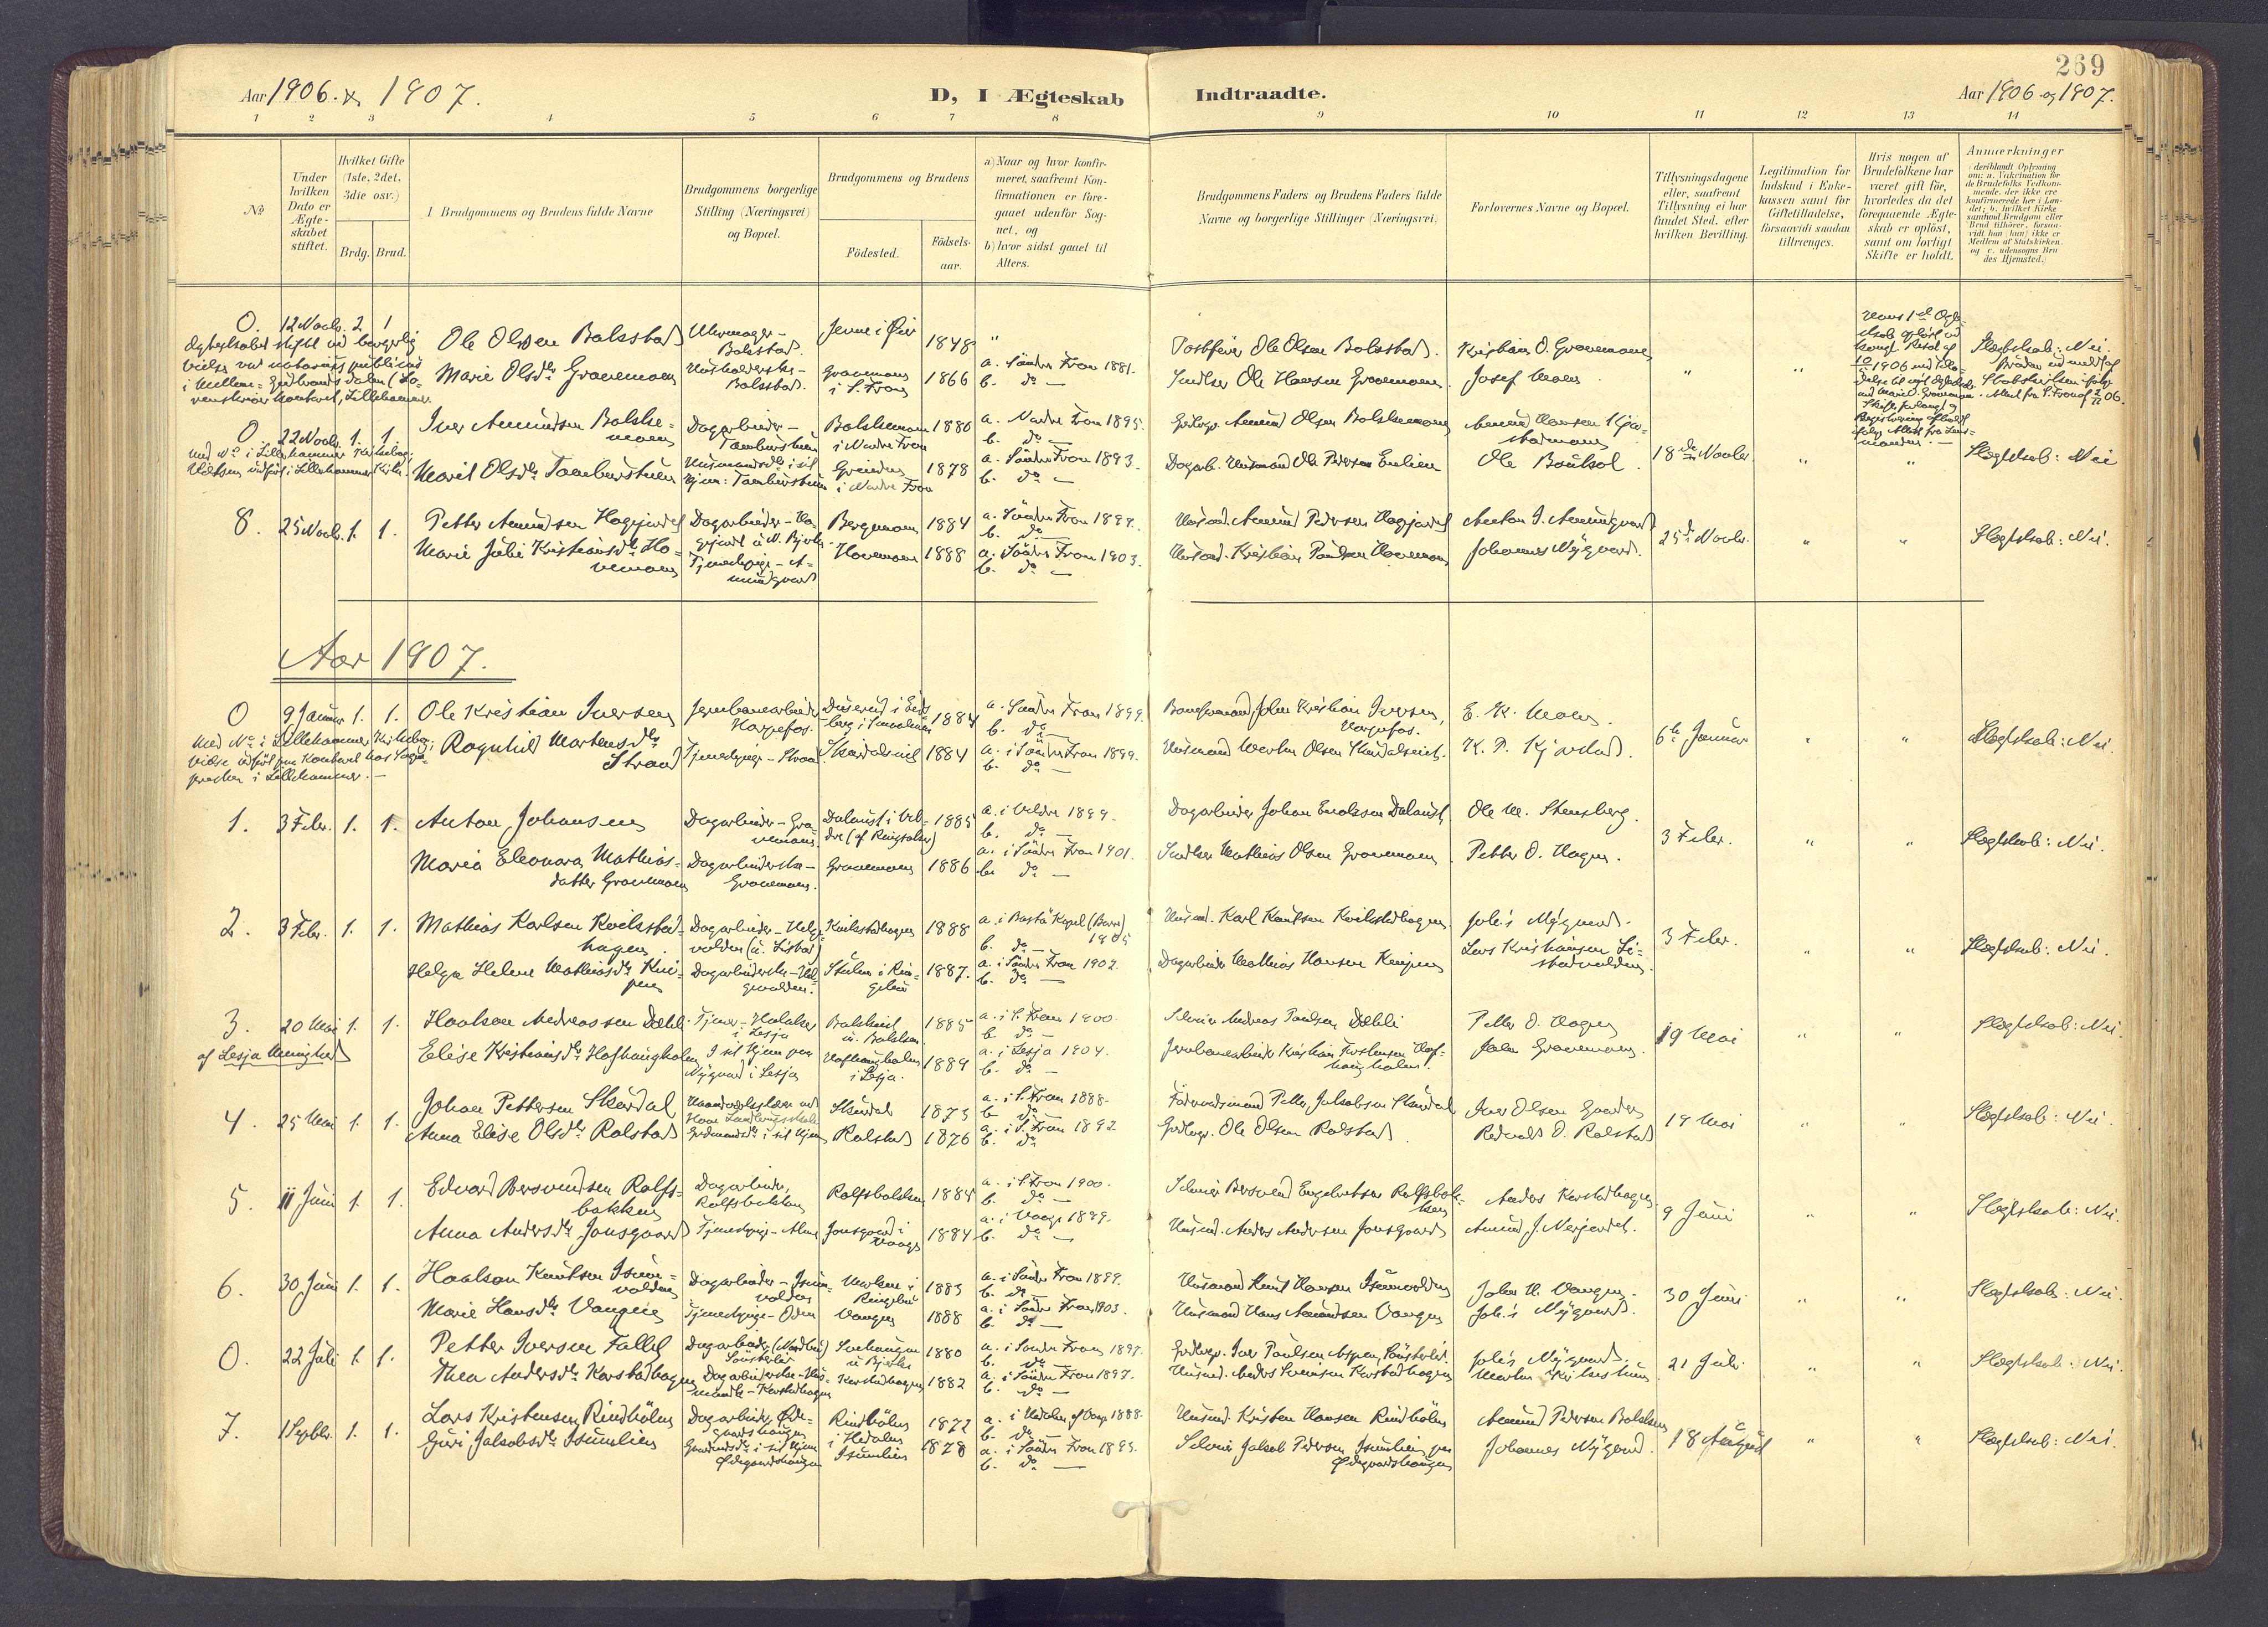 SAH, Sør-Fron prestekontor, H/Ha/Haa/L0004: Ministerialbok nr. 4, 1898-1919, s. 269